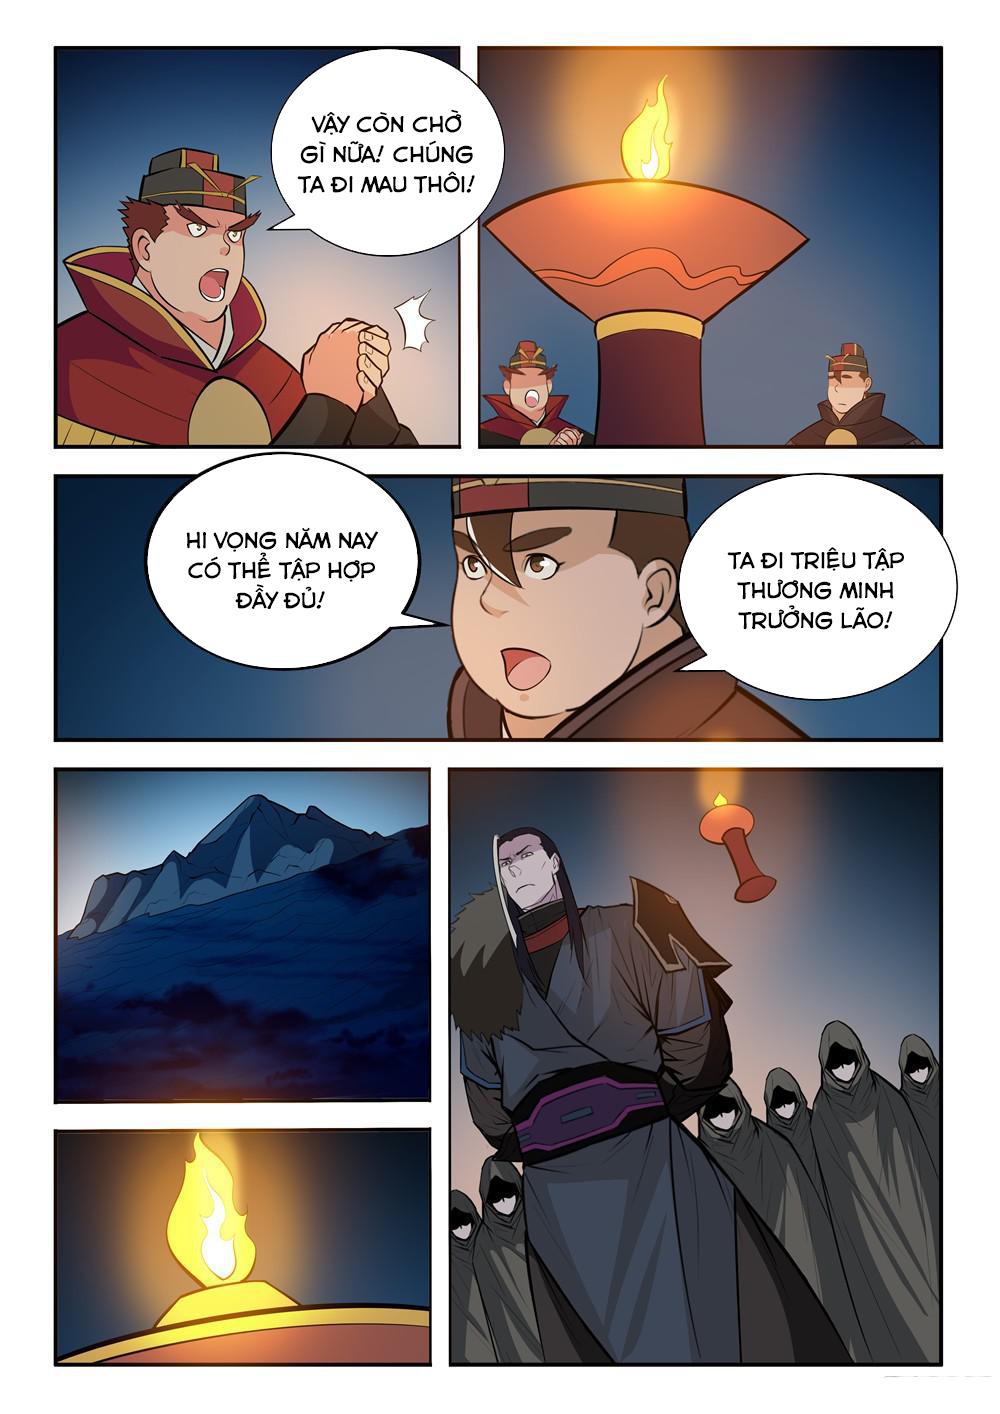 Bách Luyện Thành Thần Chapter 199 trang 15 - CungDocTruyen.com